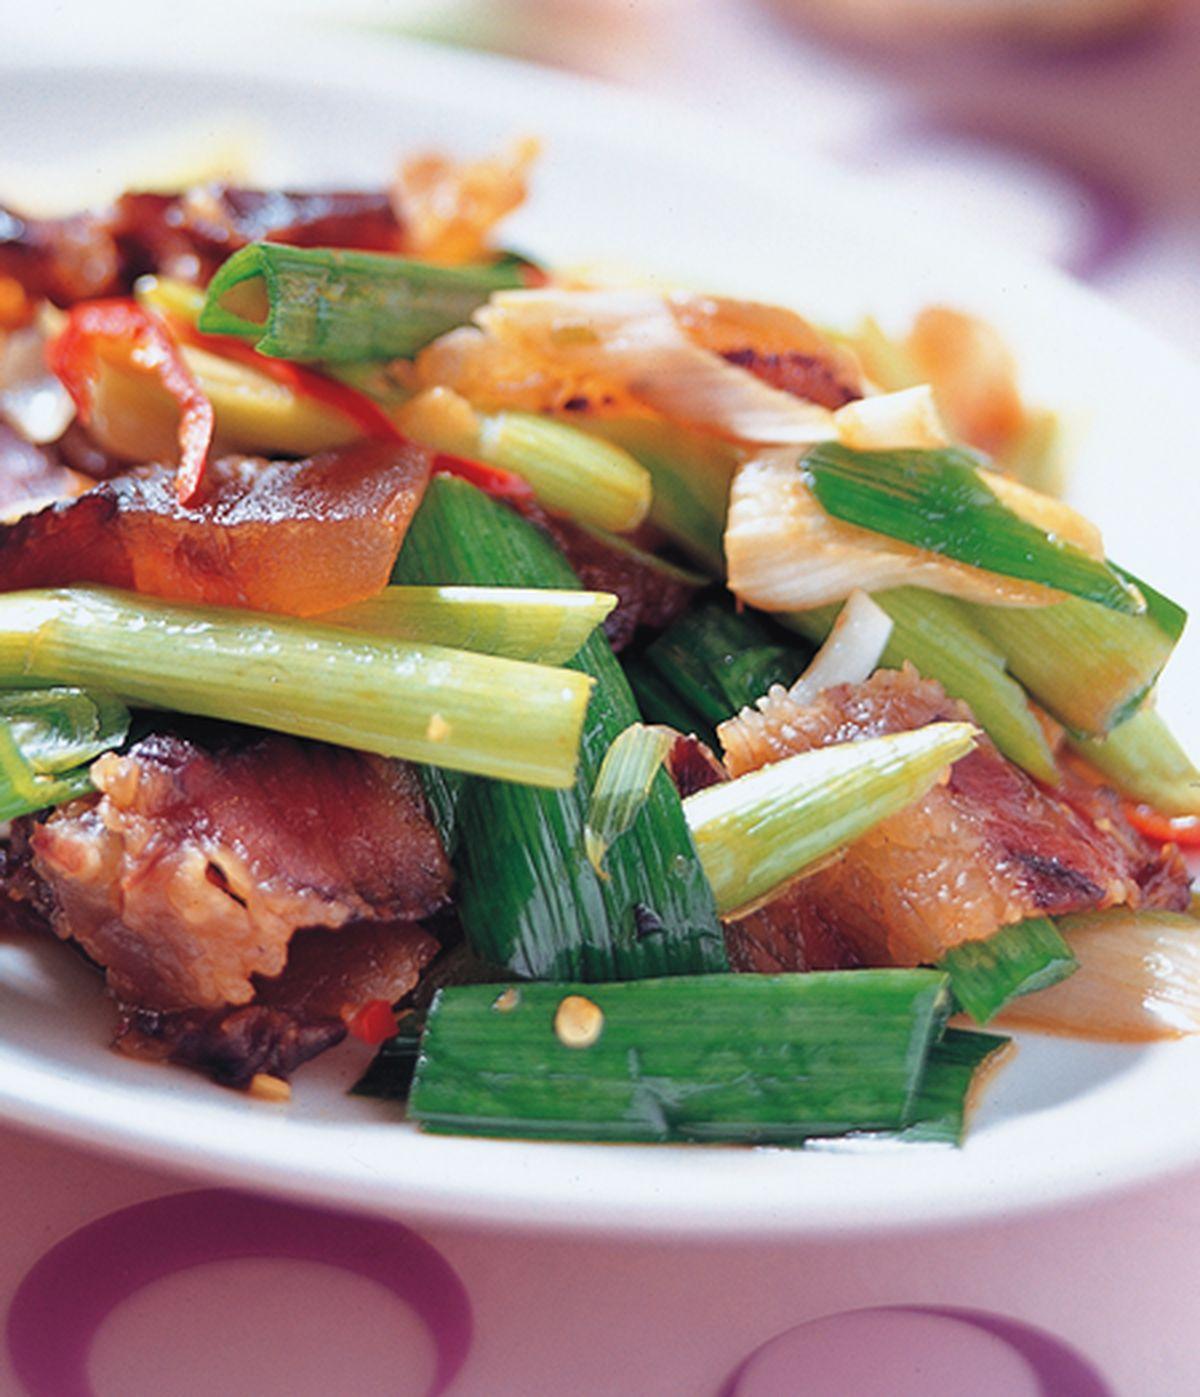 食譜:蒜苗炒臘肉